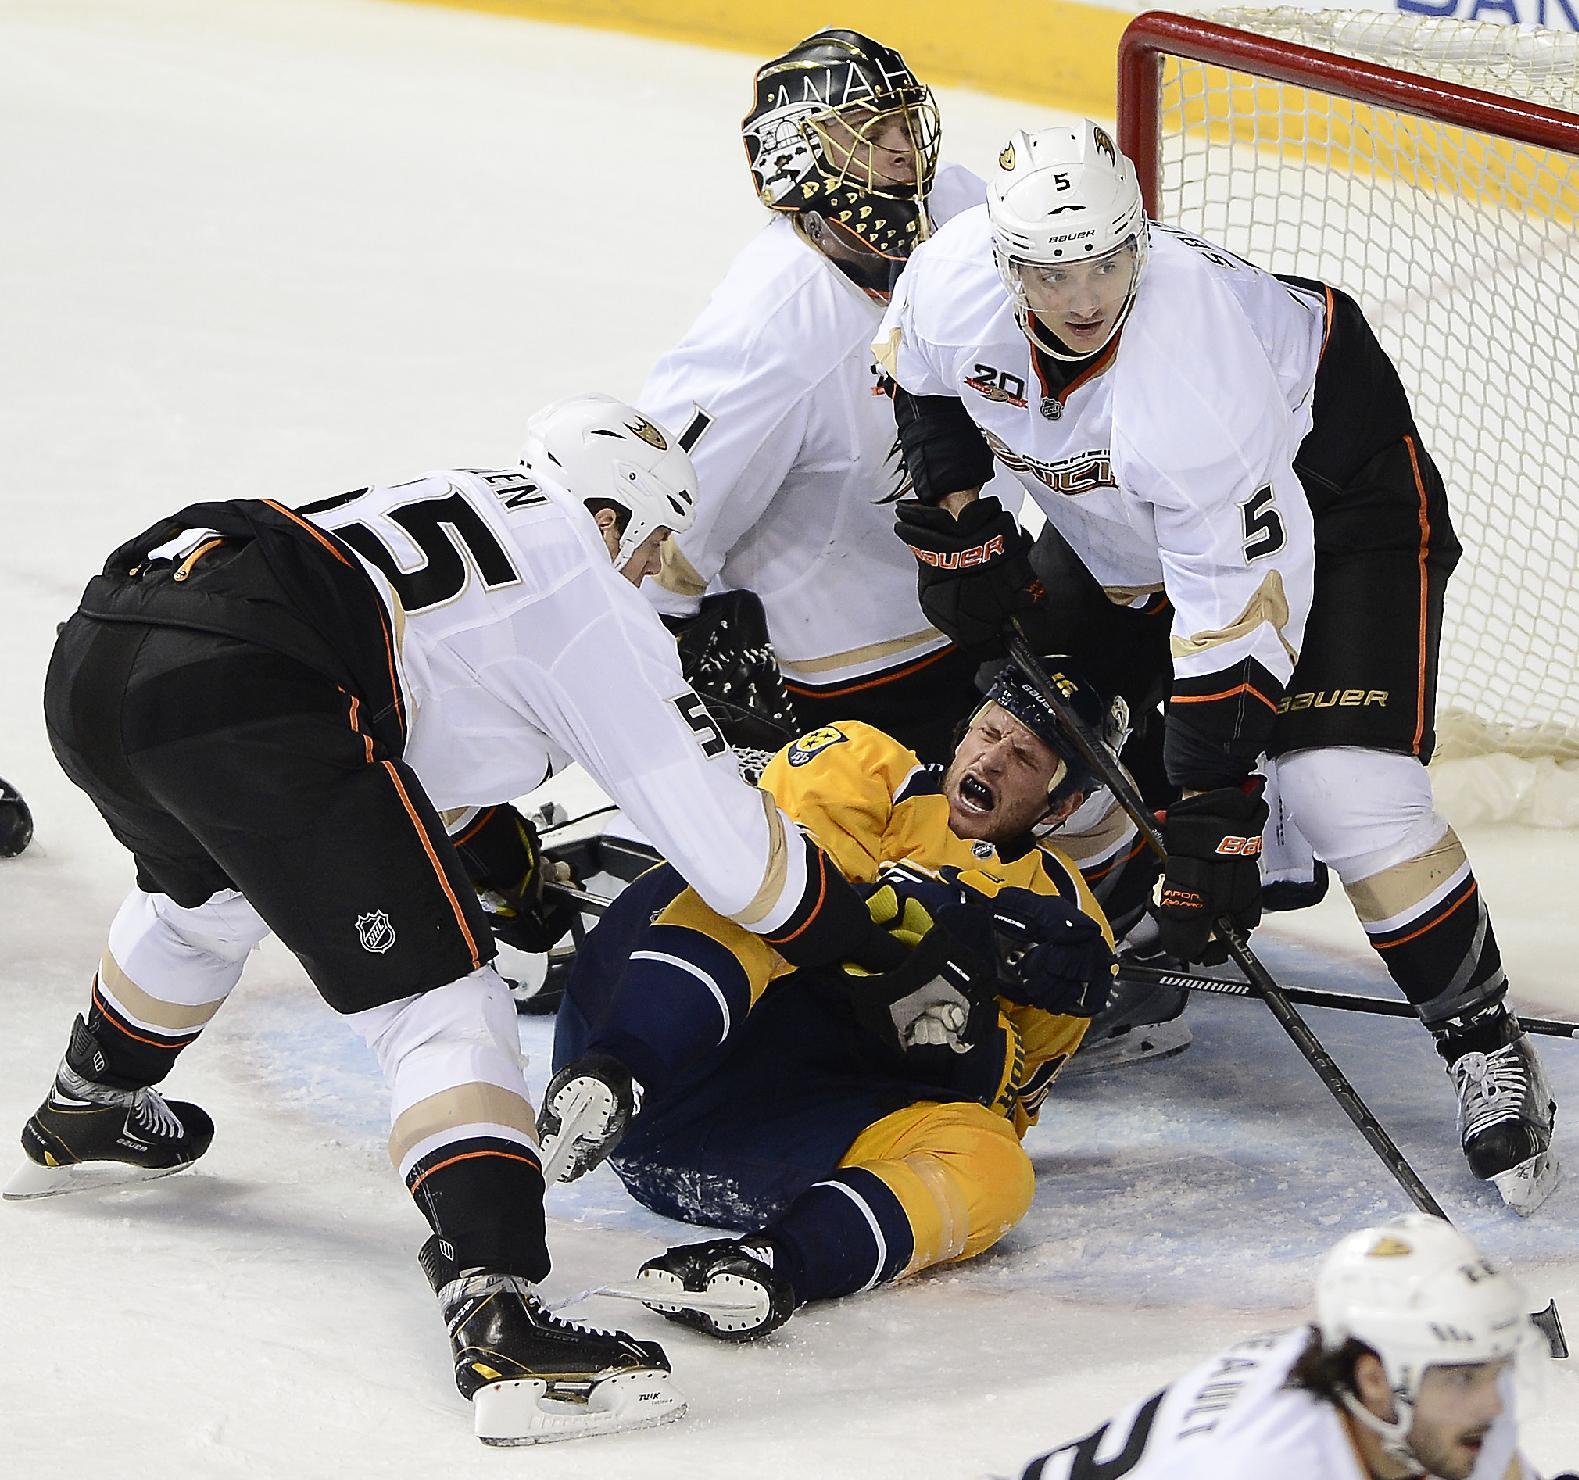 Ryan Getzlaf leads Ducks past Predators, 5-2